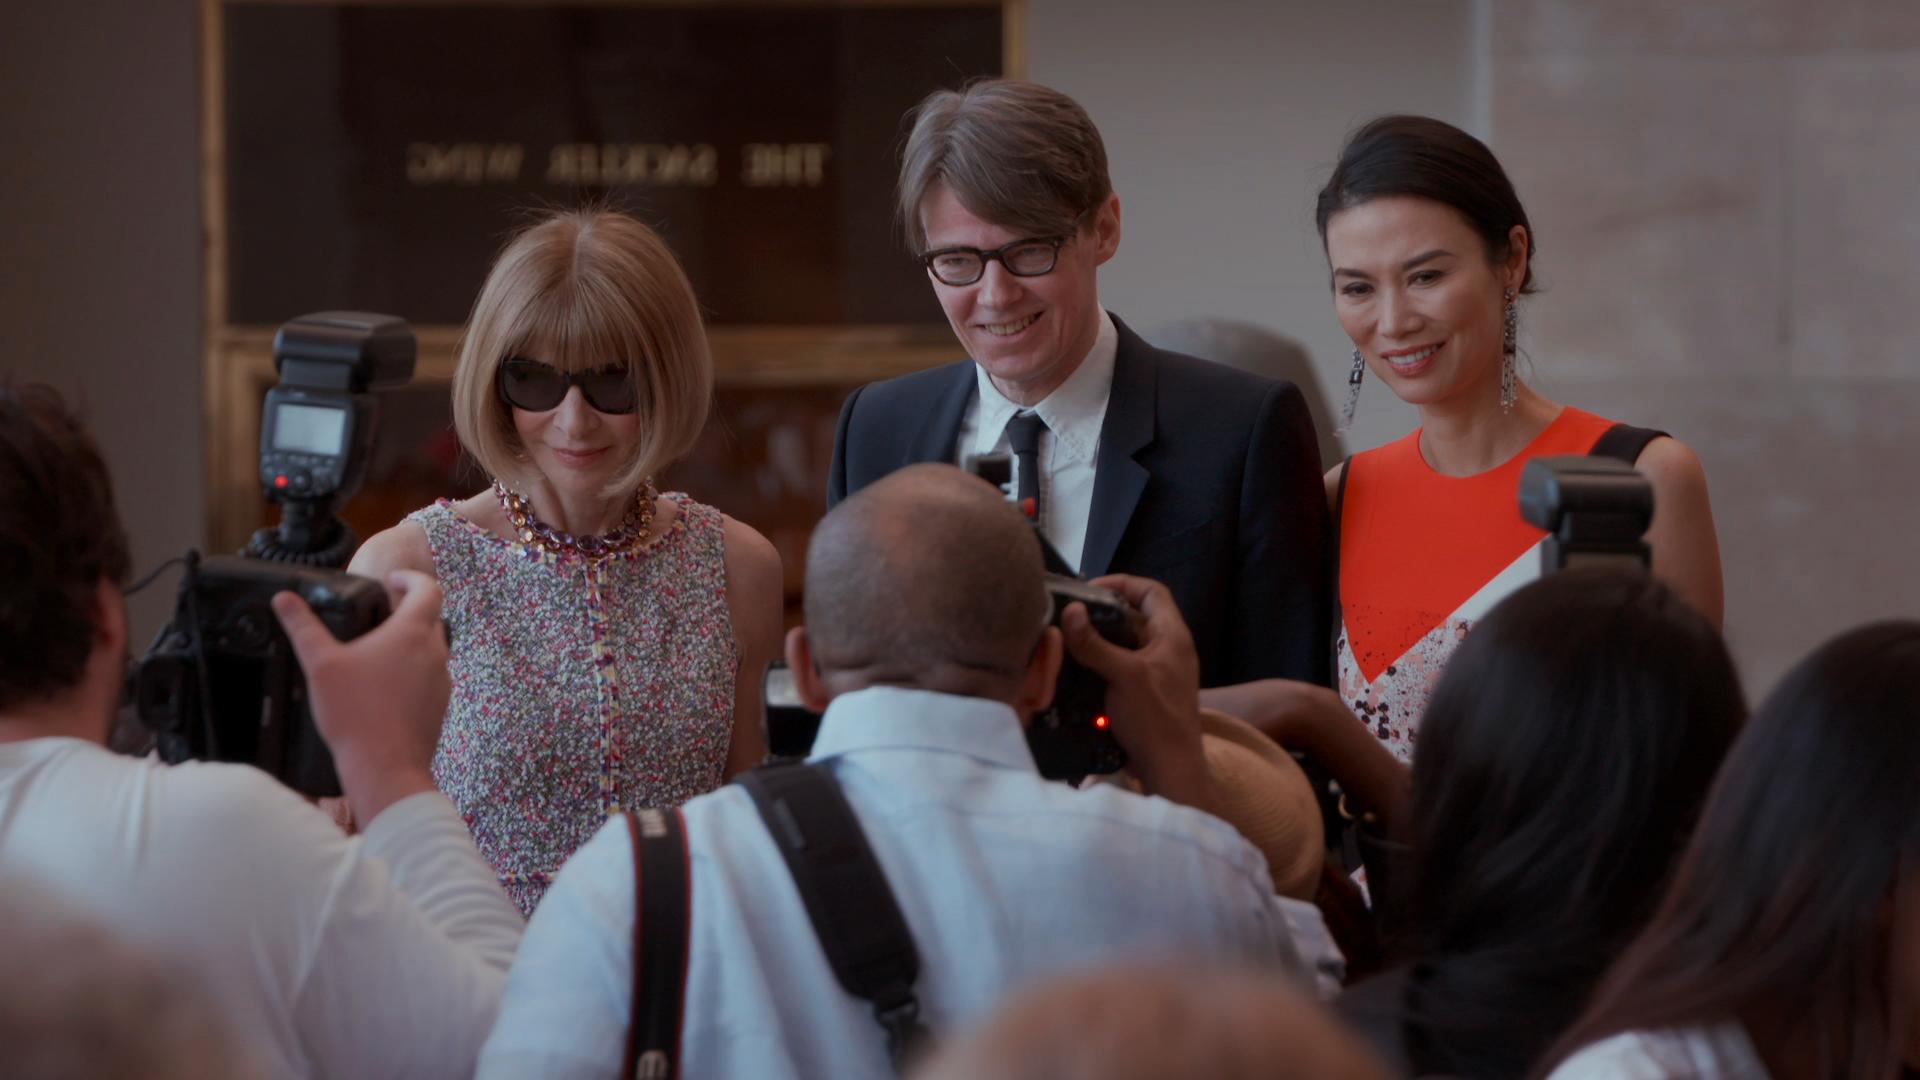 安娜溫圖(Anna Wintour)今年「時尚界奧斯卡」慈善晚宴Met Gala因疫情取消